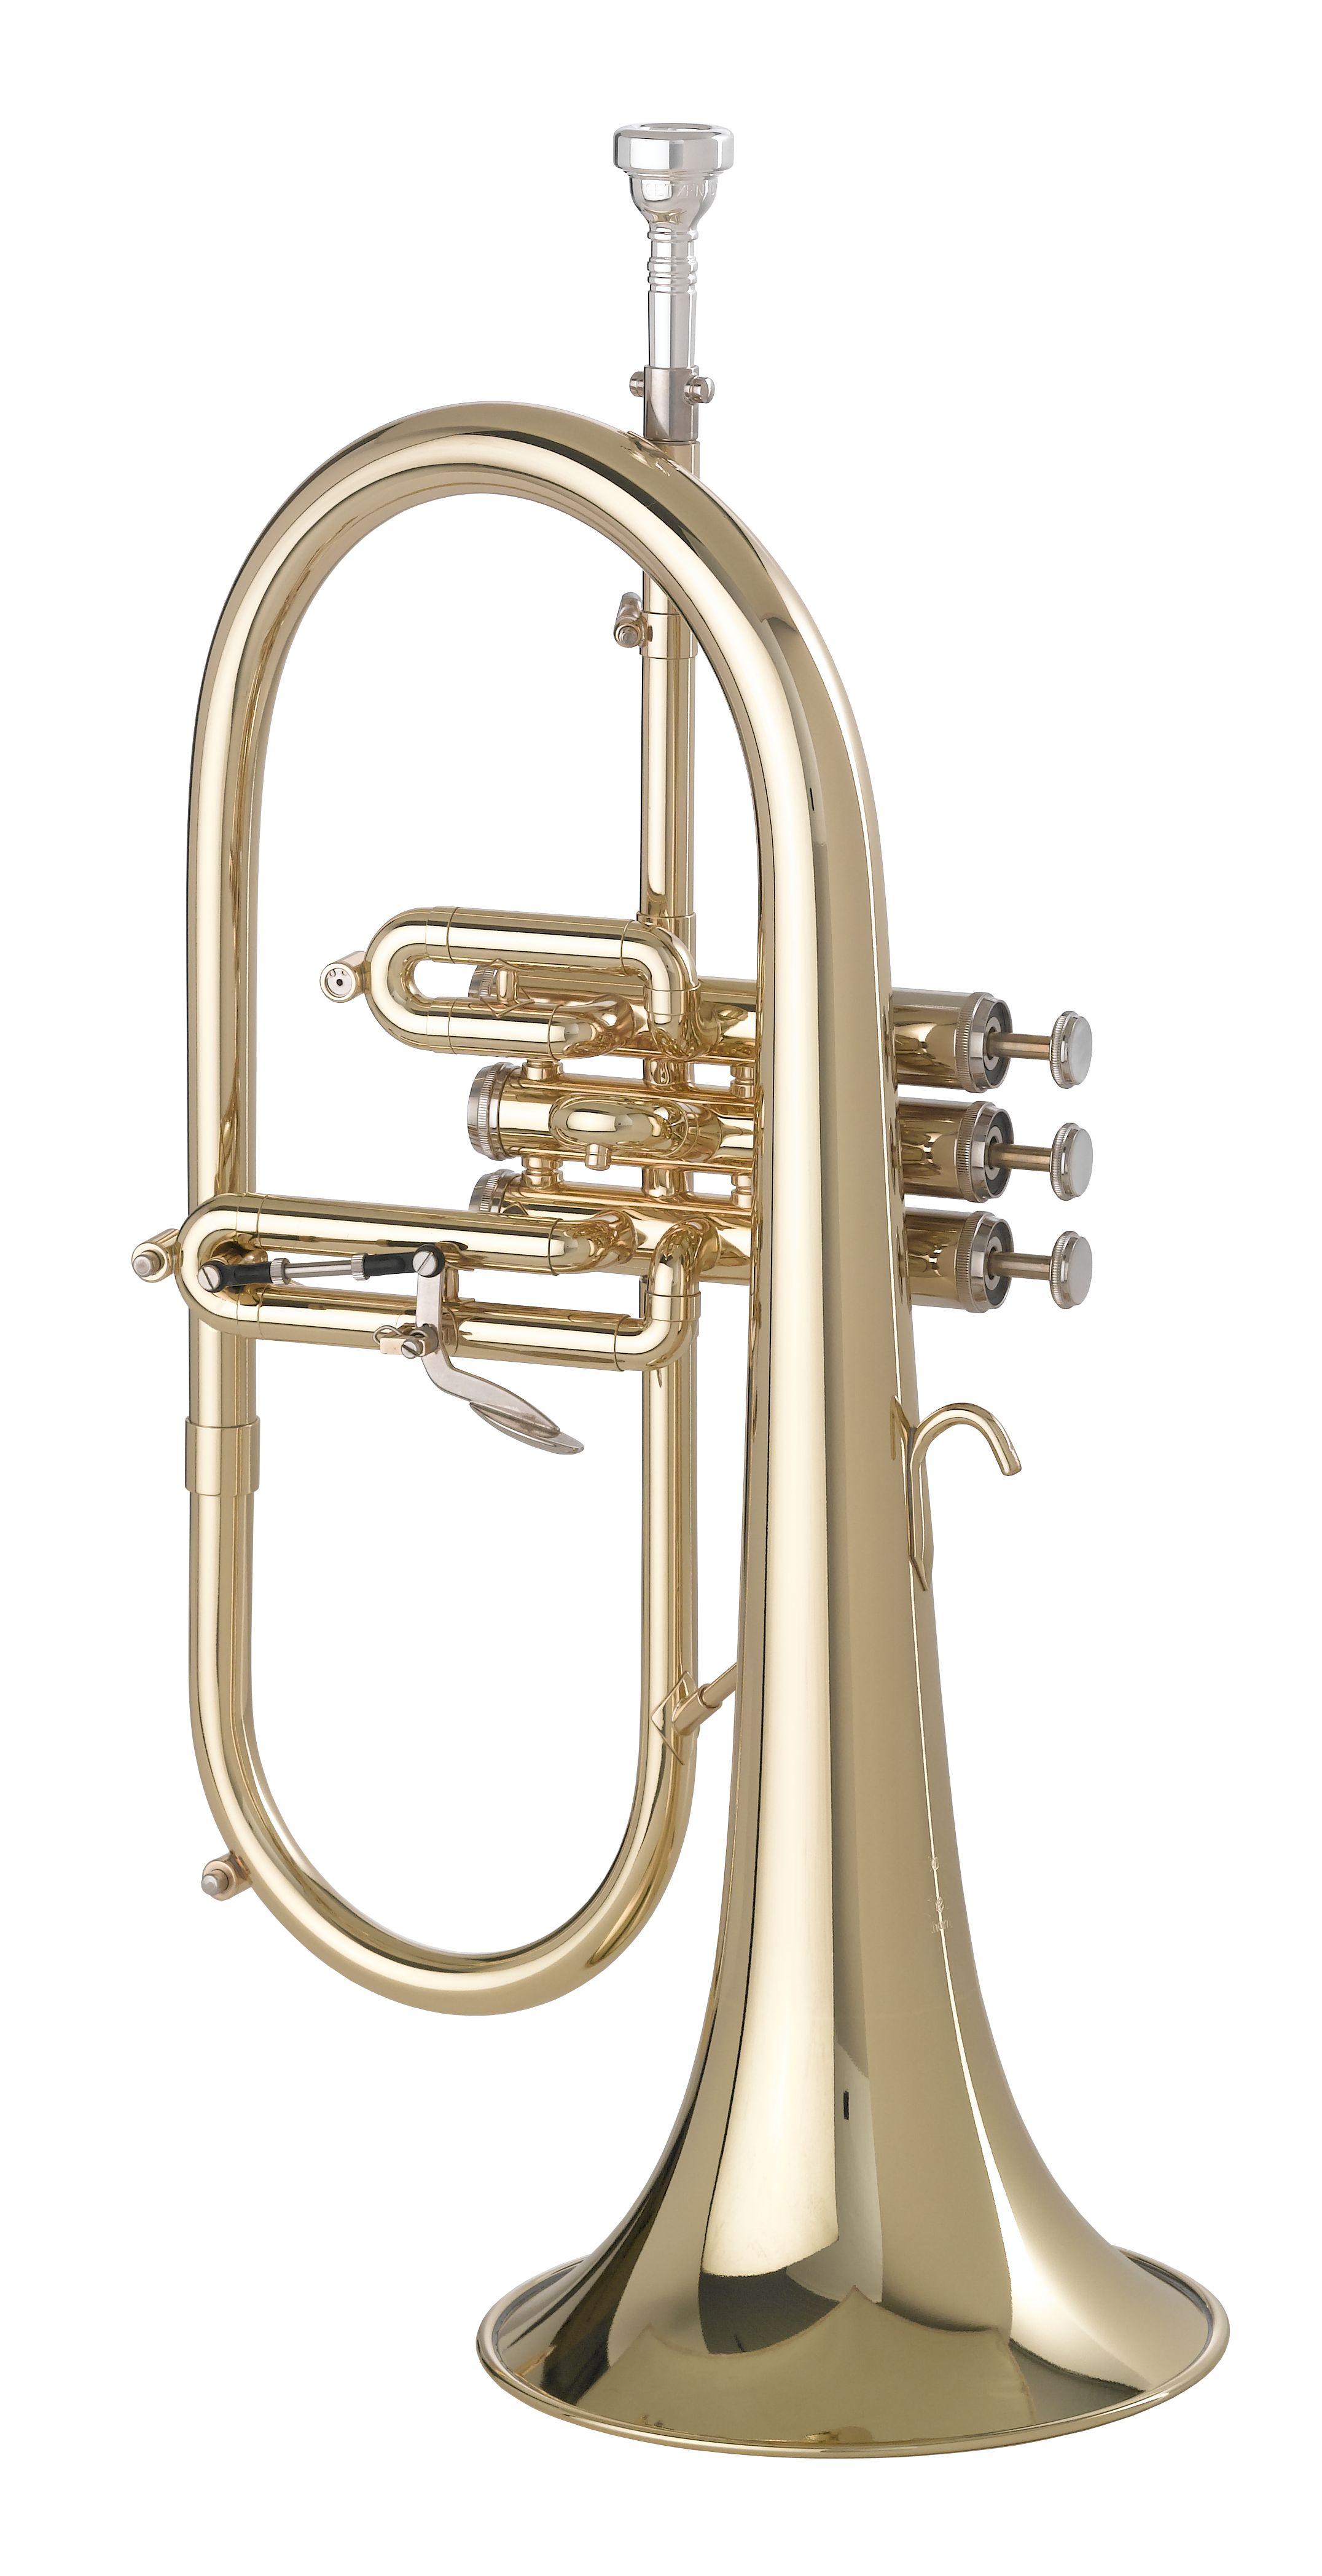 Getzen - 3895 - Blechblasinstrumente - Flügelhörner | MUSIK BERTRAM Deutschland Freiburg